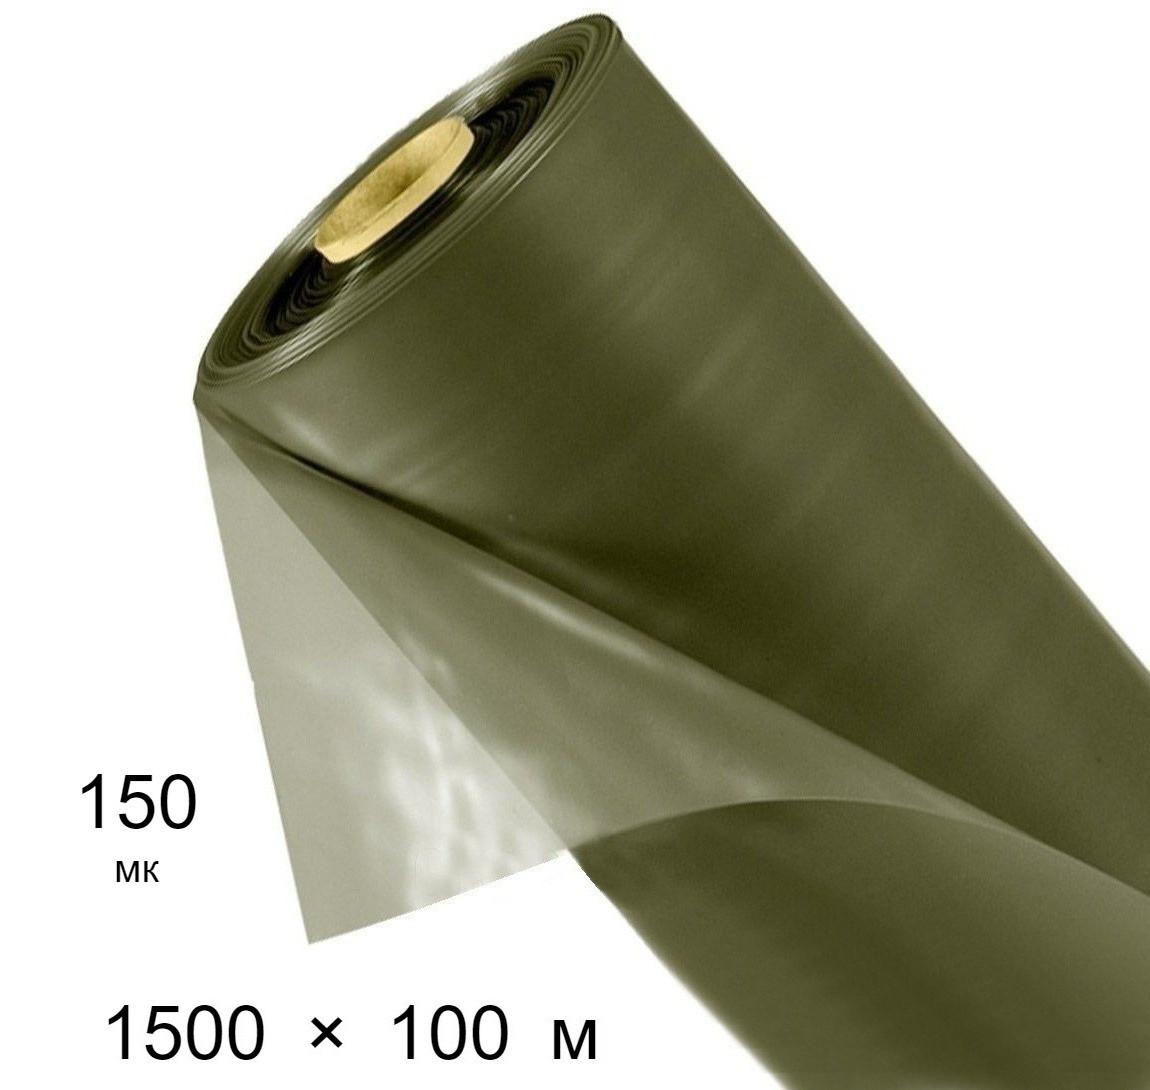 Пленка строительная 150 мкм - 1500 мм × 50 м